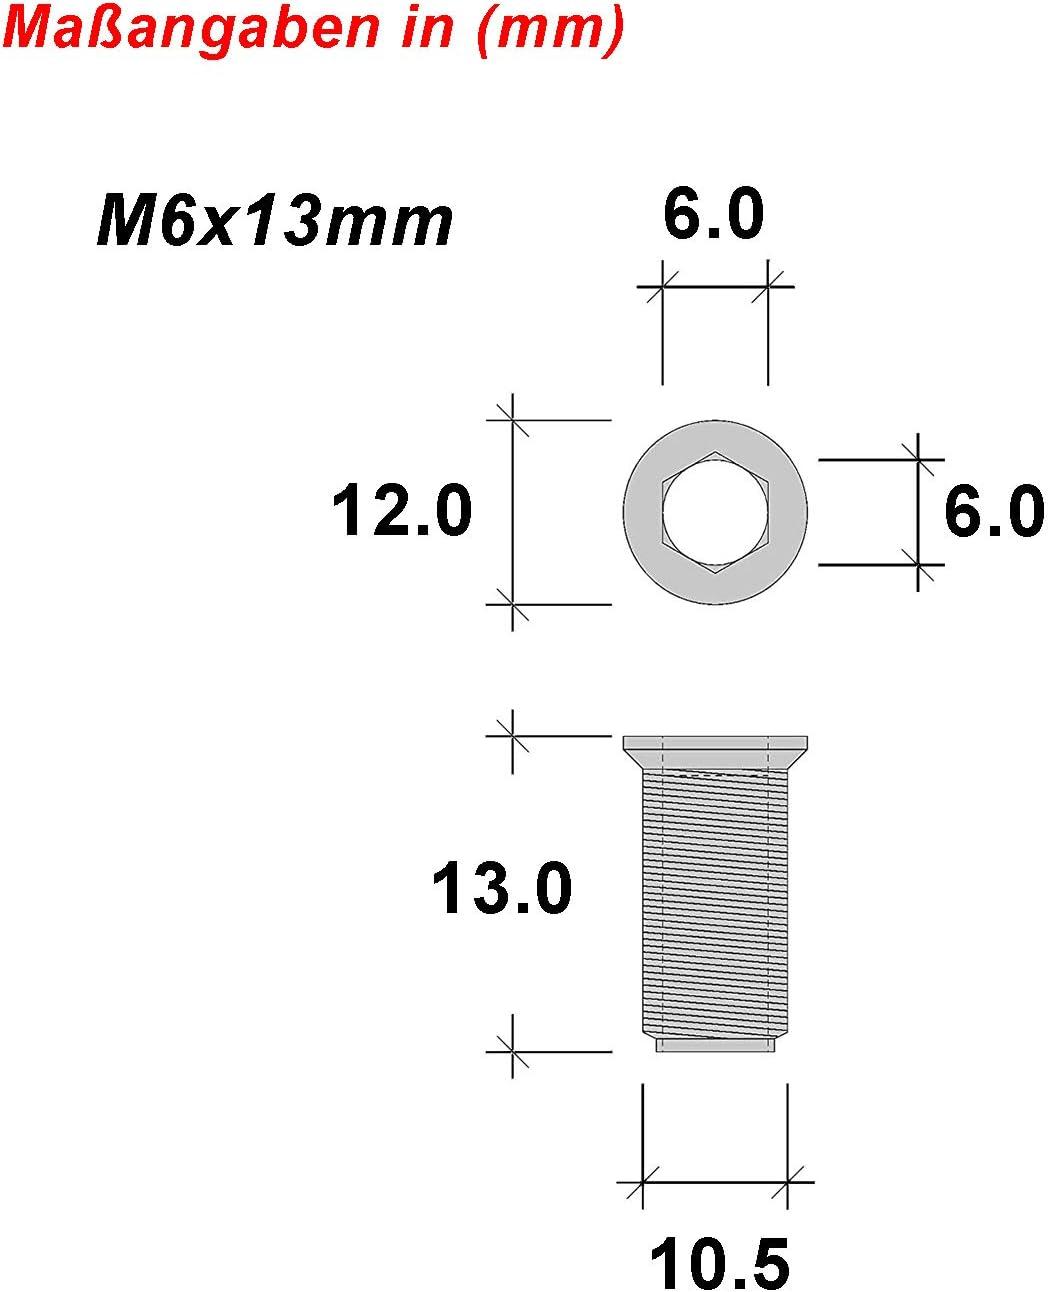 LIKERAINY 200pcs Vis /à Douille /Écrou Hexagonal Filet/é M6 x13mm Vis dInsert pour Travail du Bois Jambe de Meubles /Écrous de But/ée